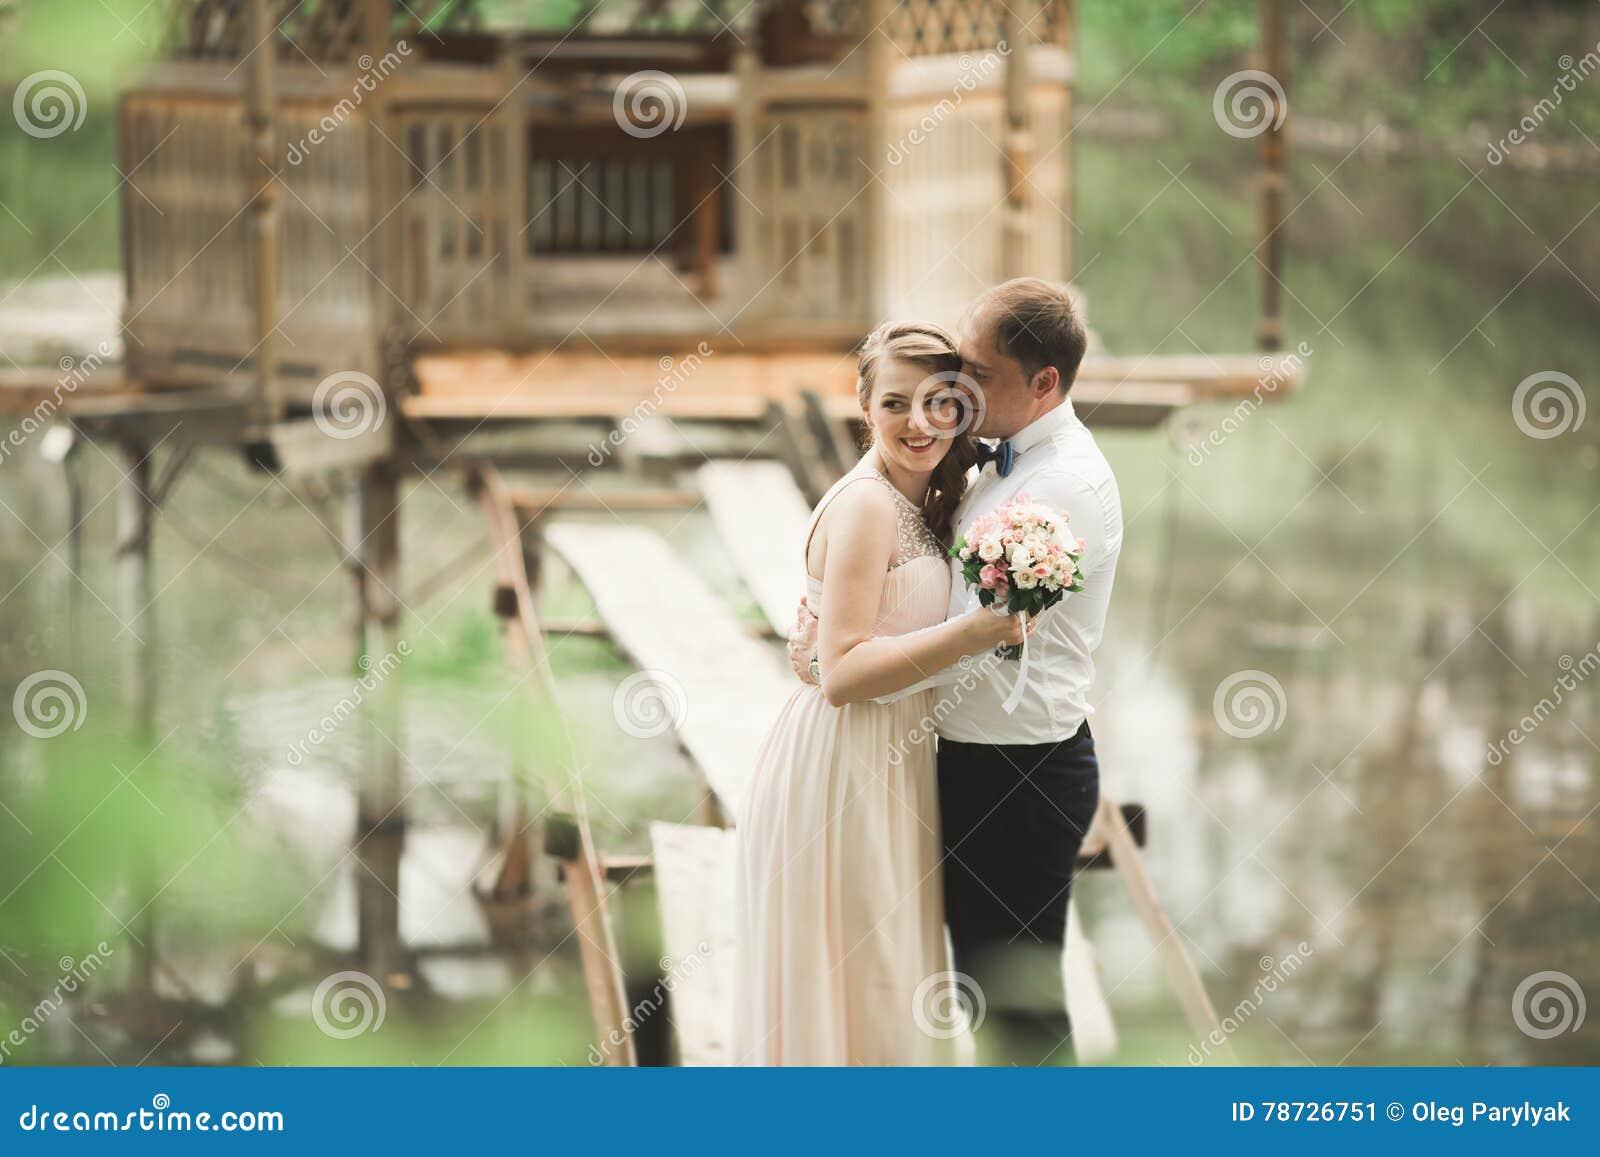 Brudgummen kysser brudens panna, medan hon lutar till honom som ler